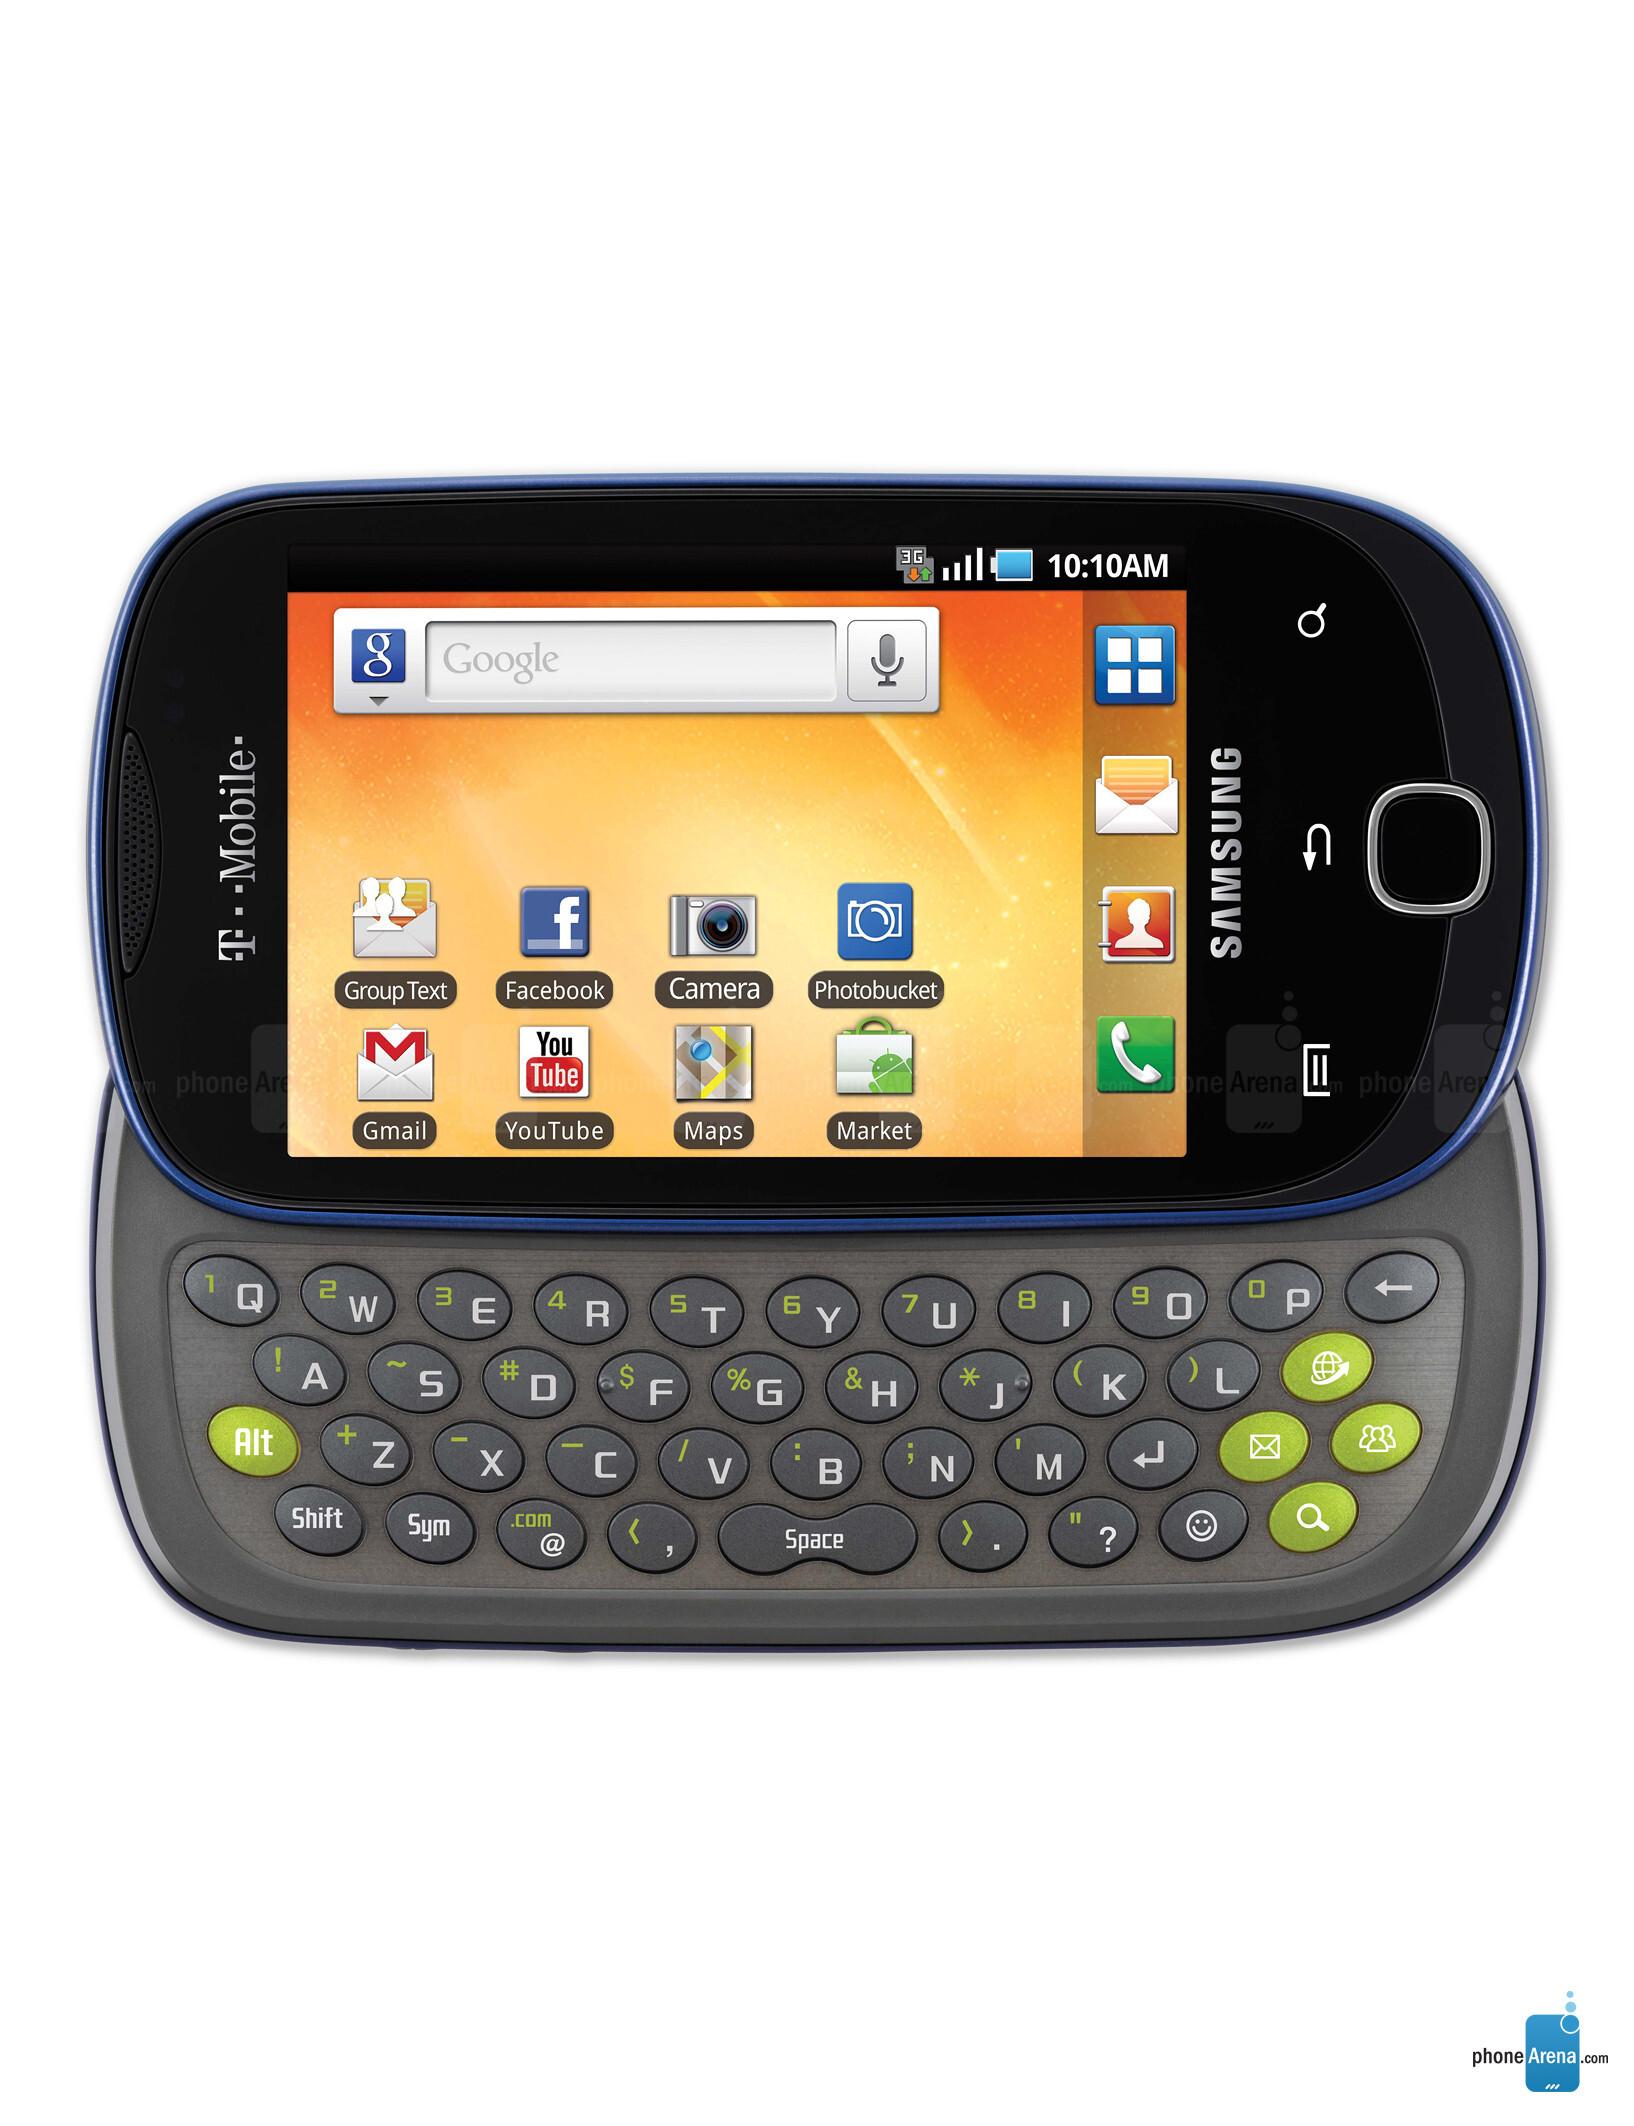 samsung gravity smart photos rh phonearena com Screen Samsung Gravity Smart Cases Samsung Gravity Smartphone